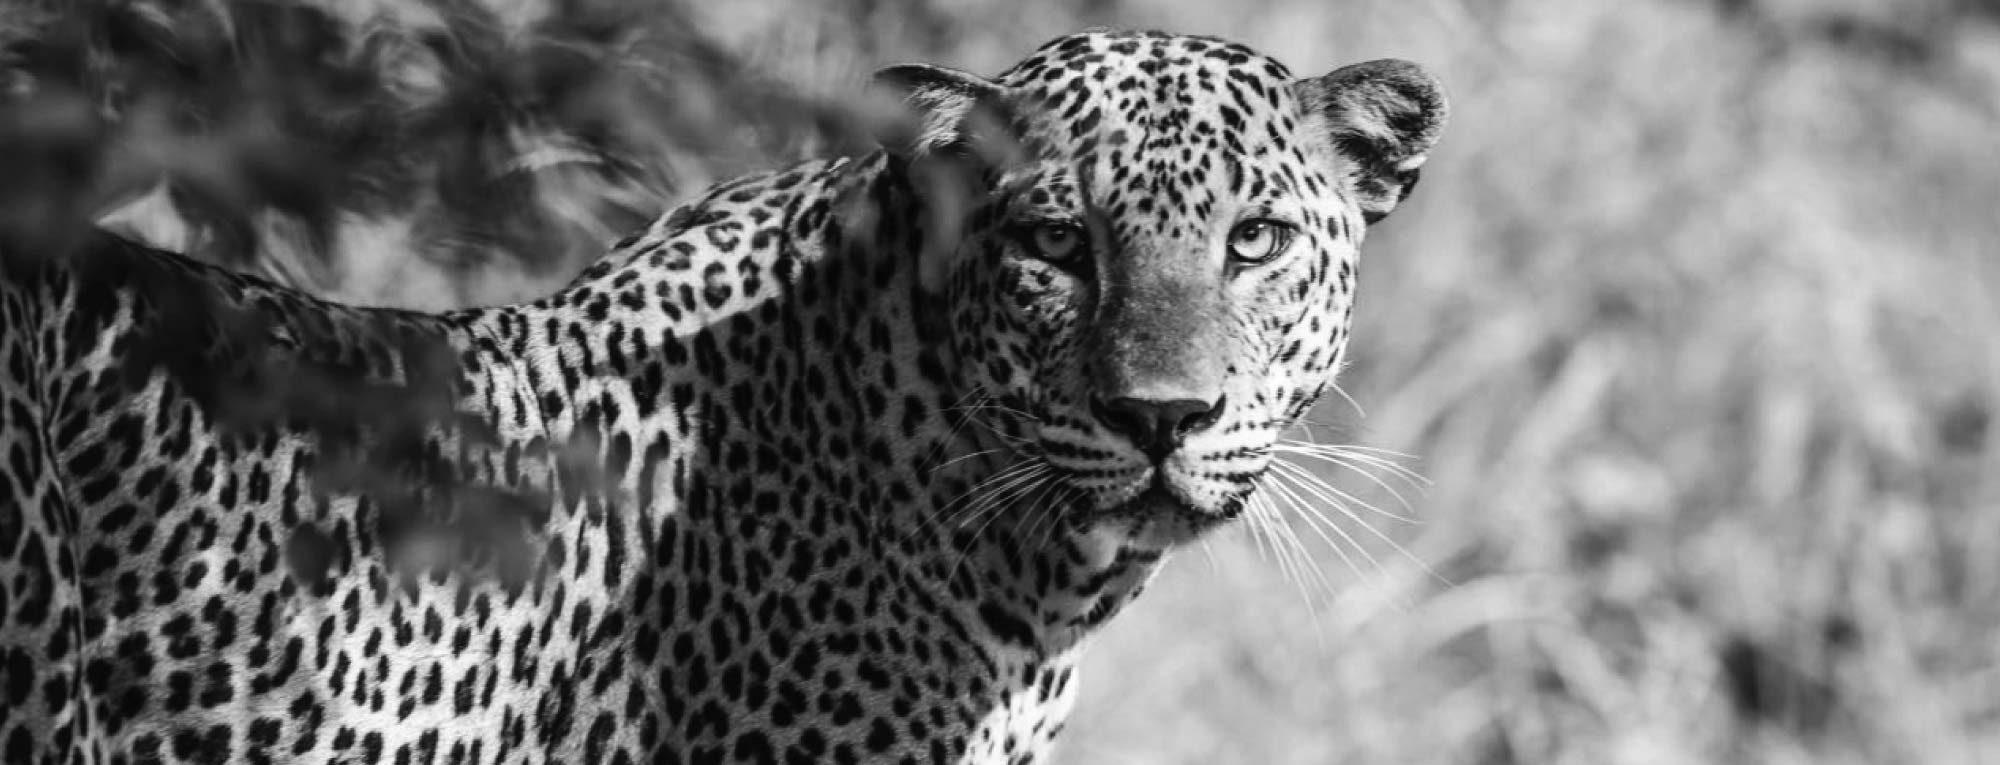 Sri Lanka Wildlife Updates